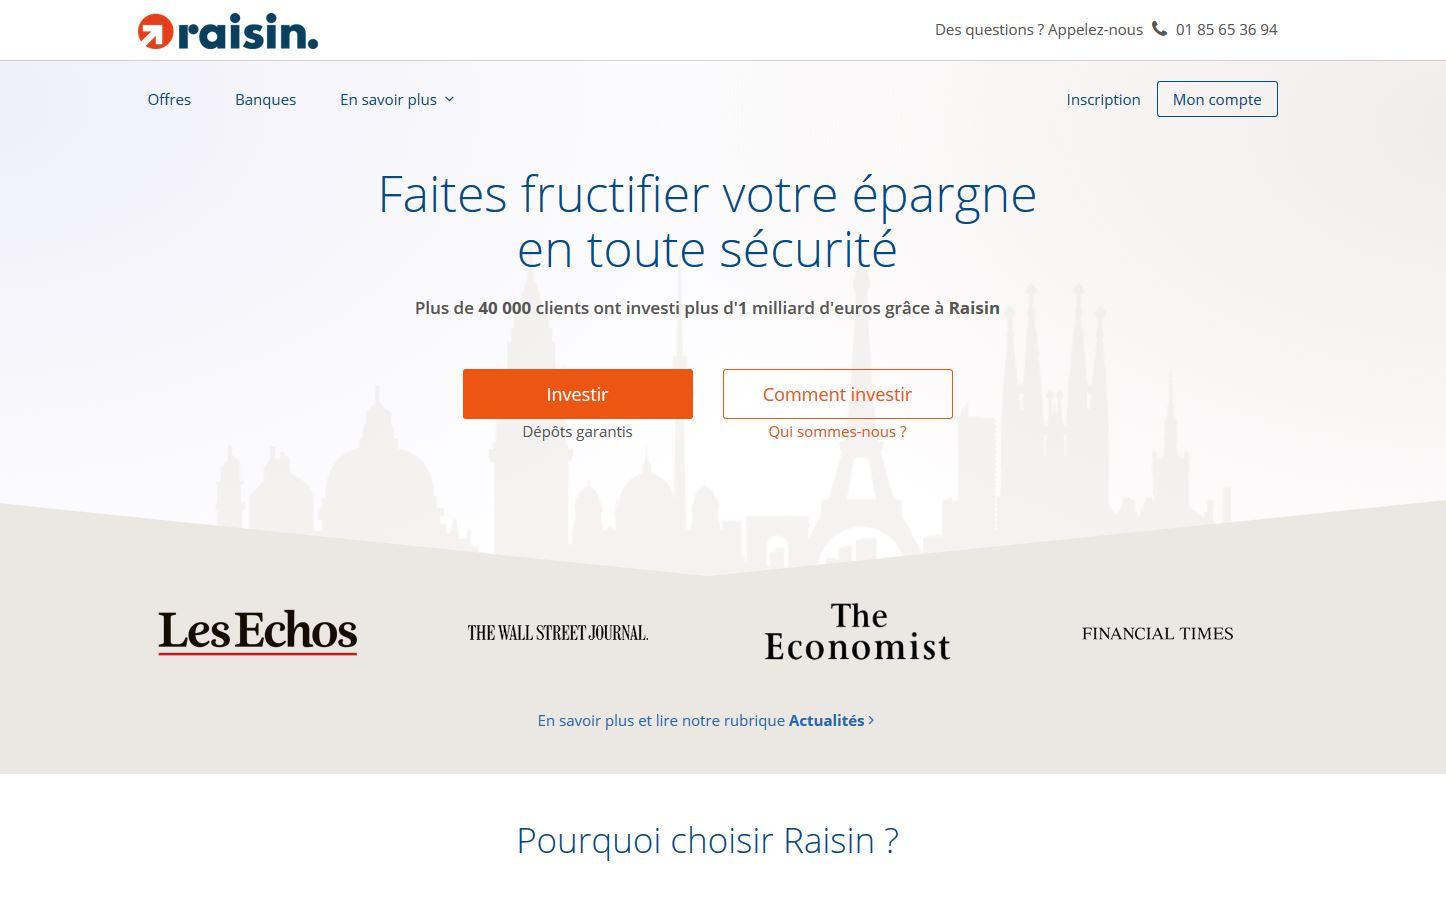 Vive la France – WeltSparen startet mit Zinsportal in Frankreich